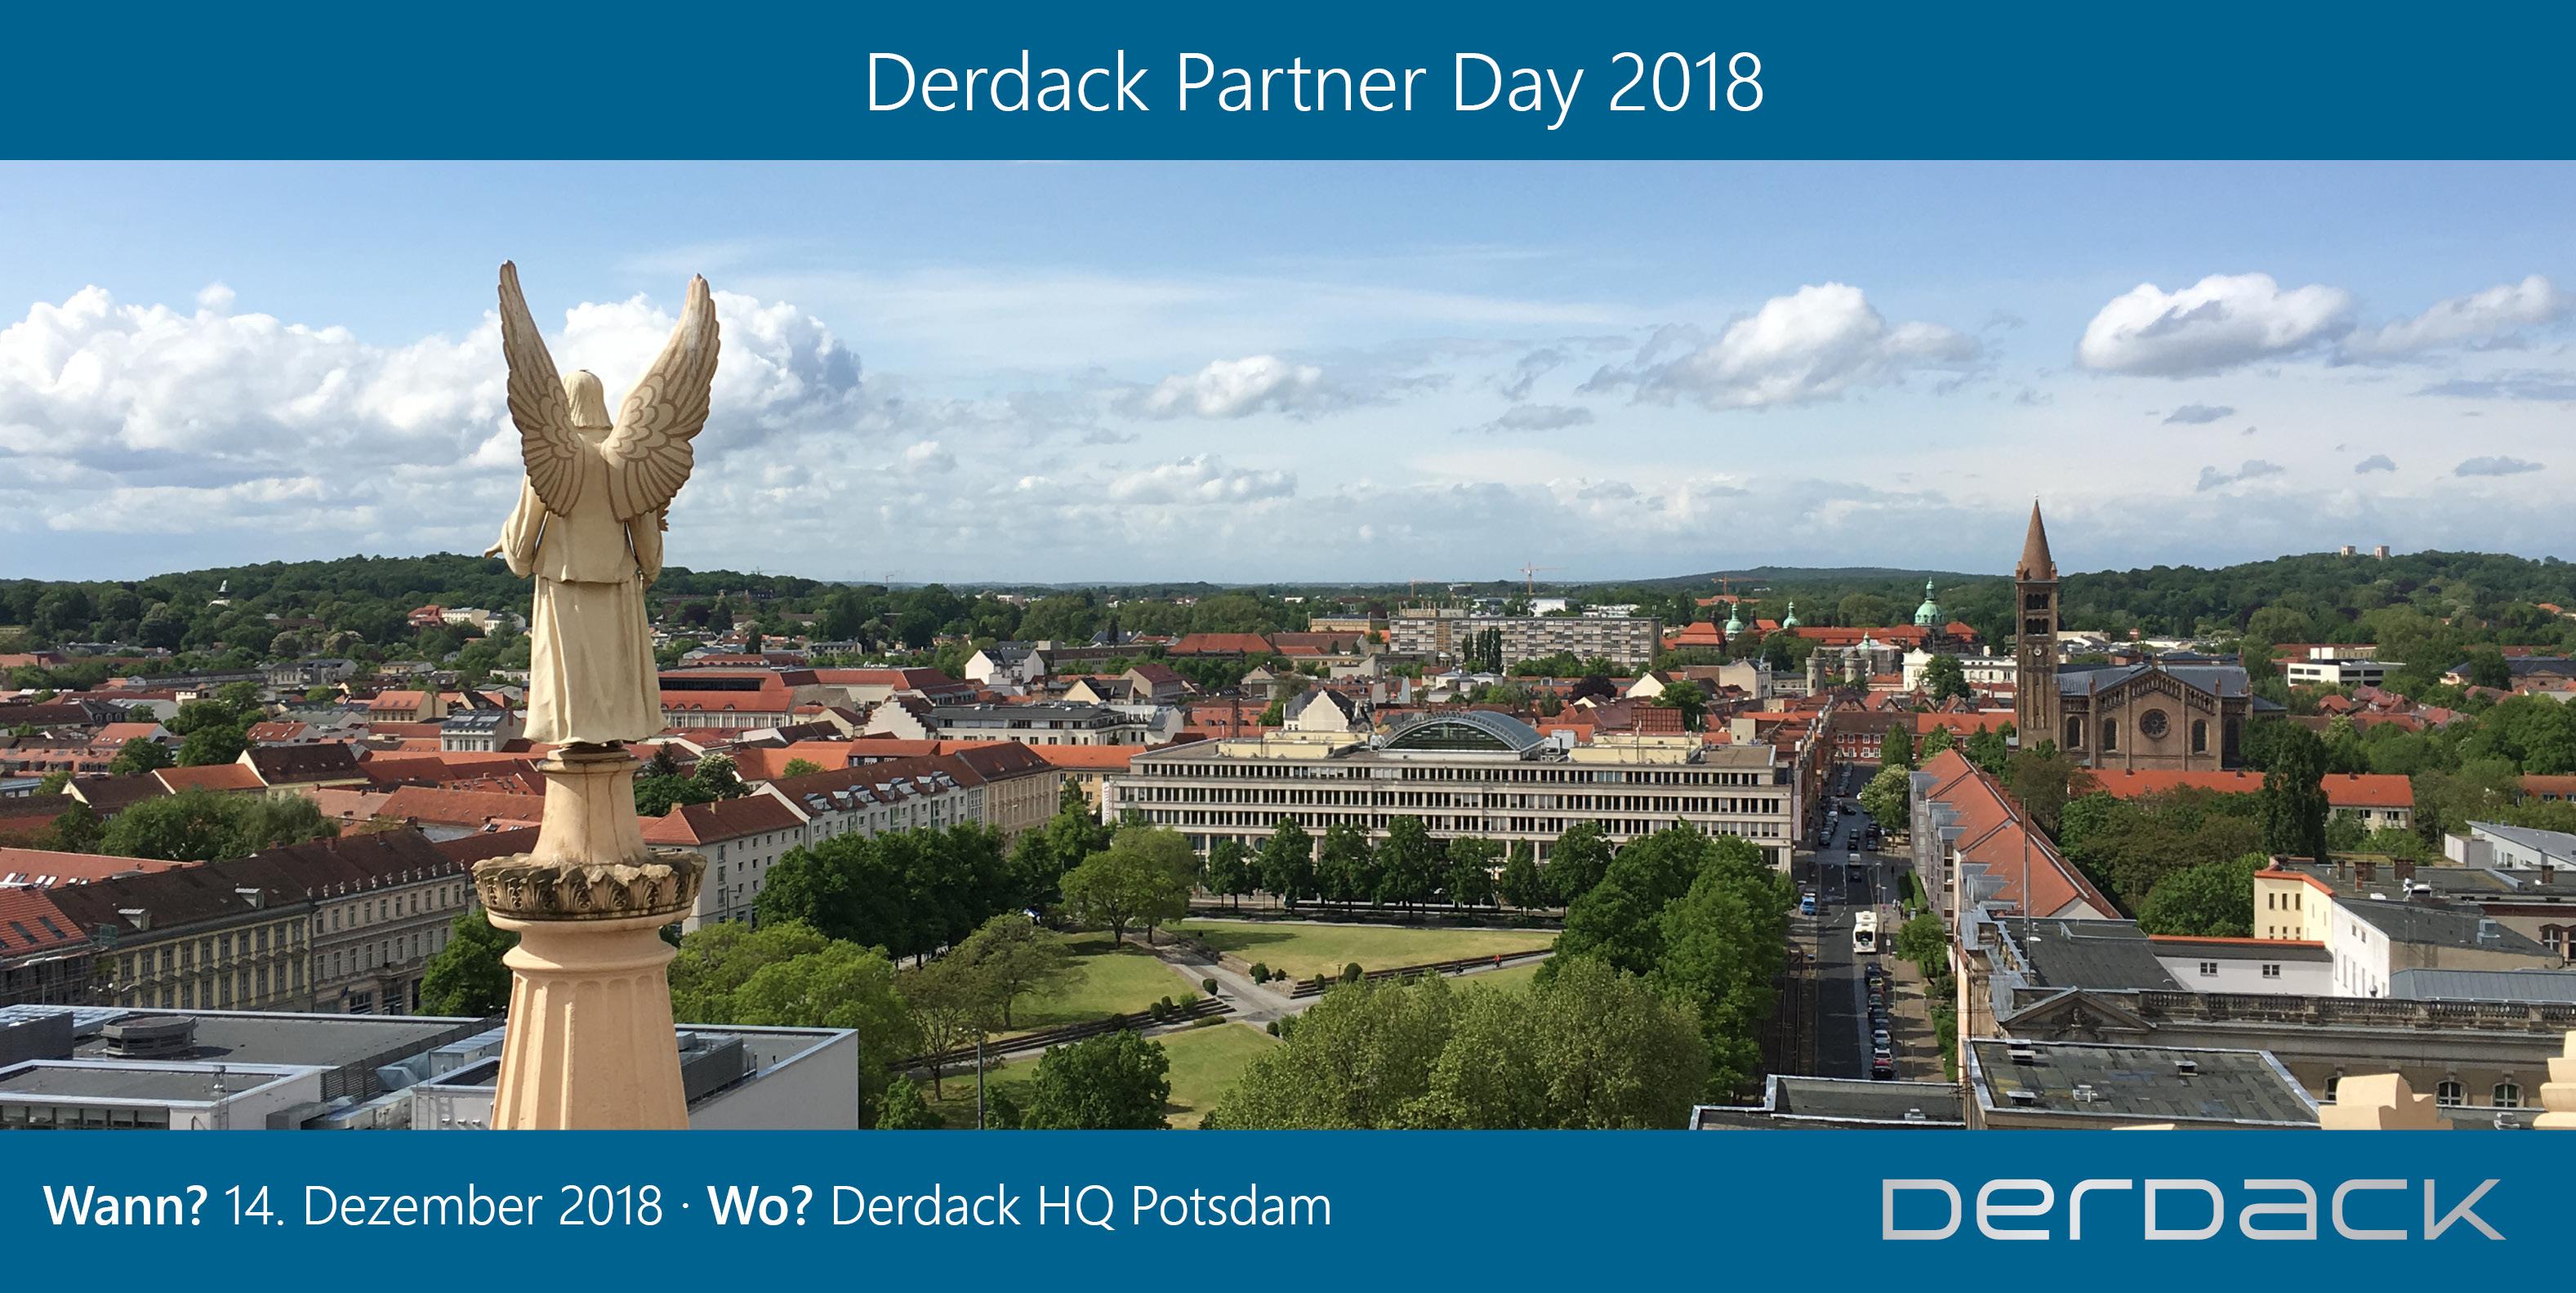 Derdack Partner Day 2018